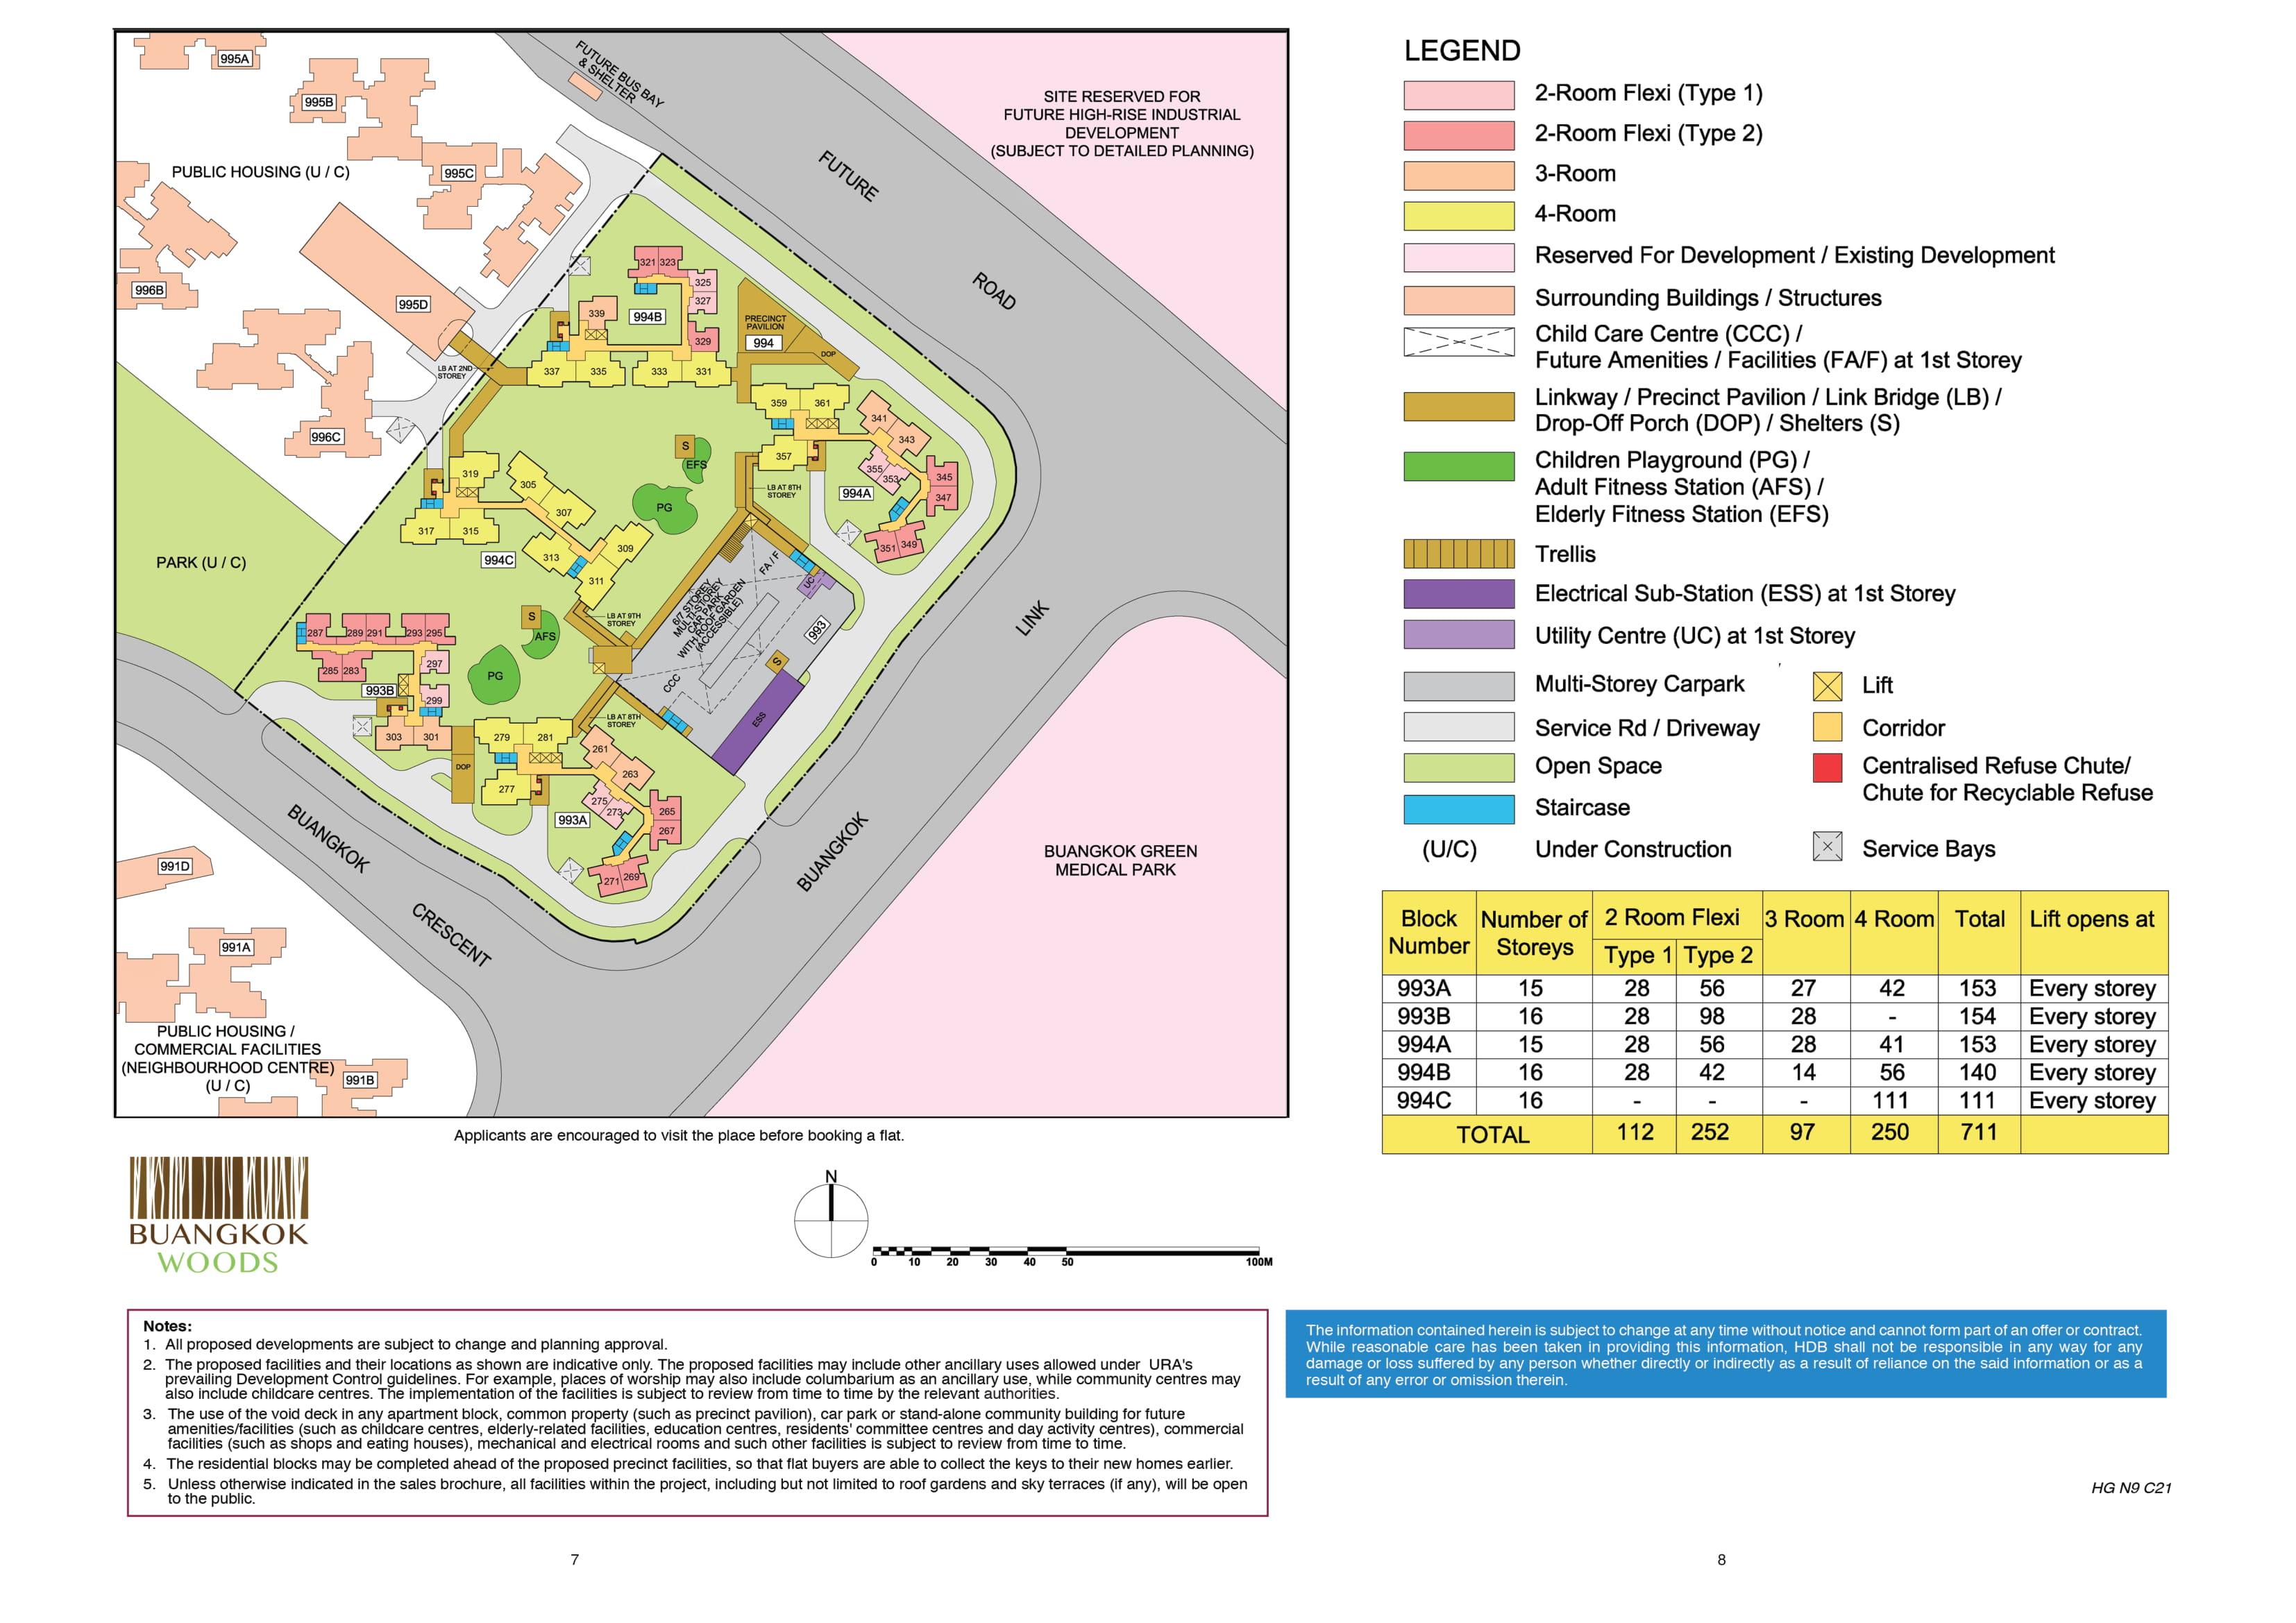 Buangkok Woods Site Plan